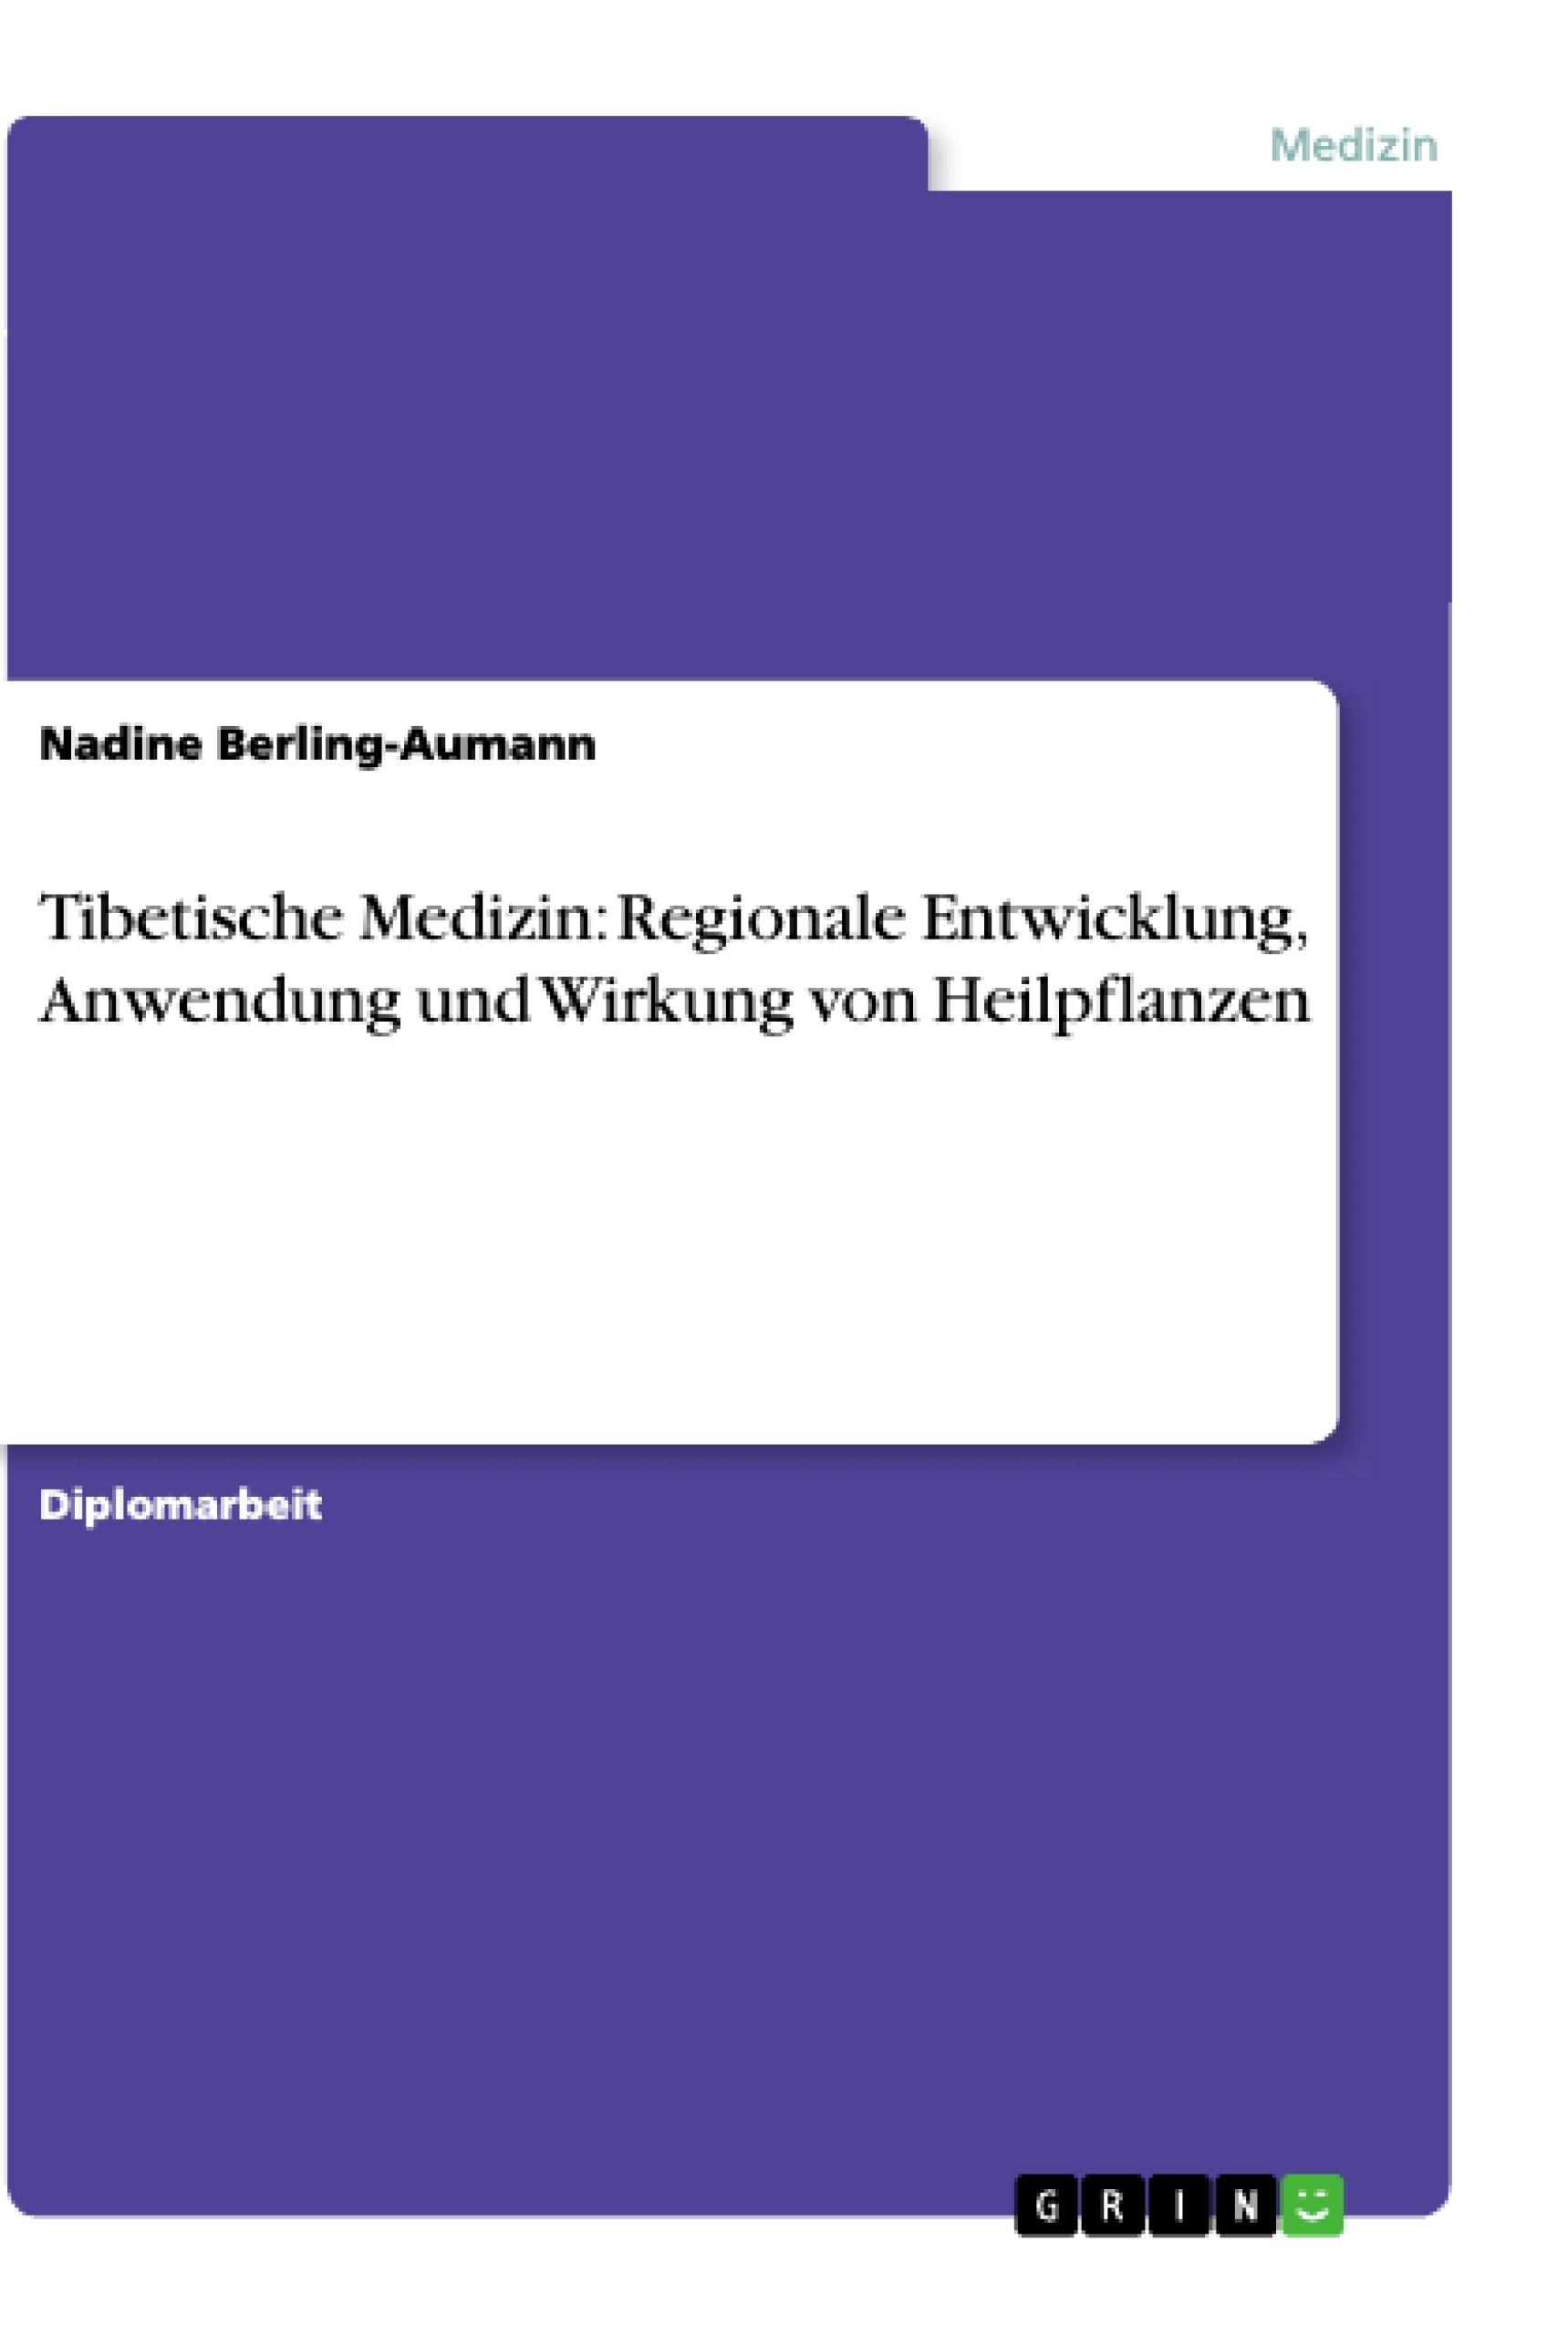 Titel: Tibetische Medizin: Regionale Entwicklung, Anwendung und Wirkung von Heilpflanzen